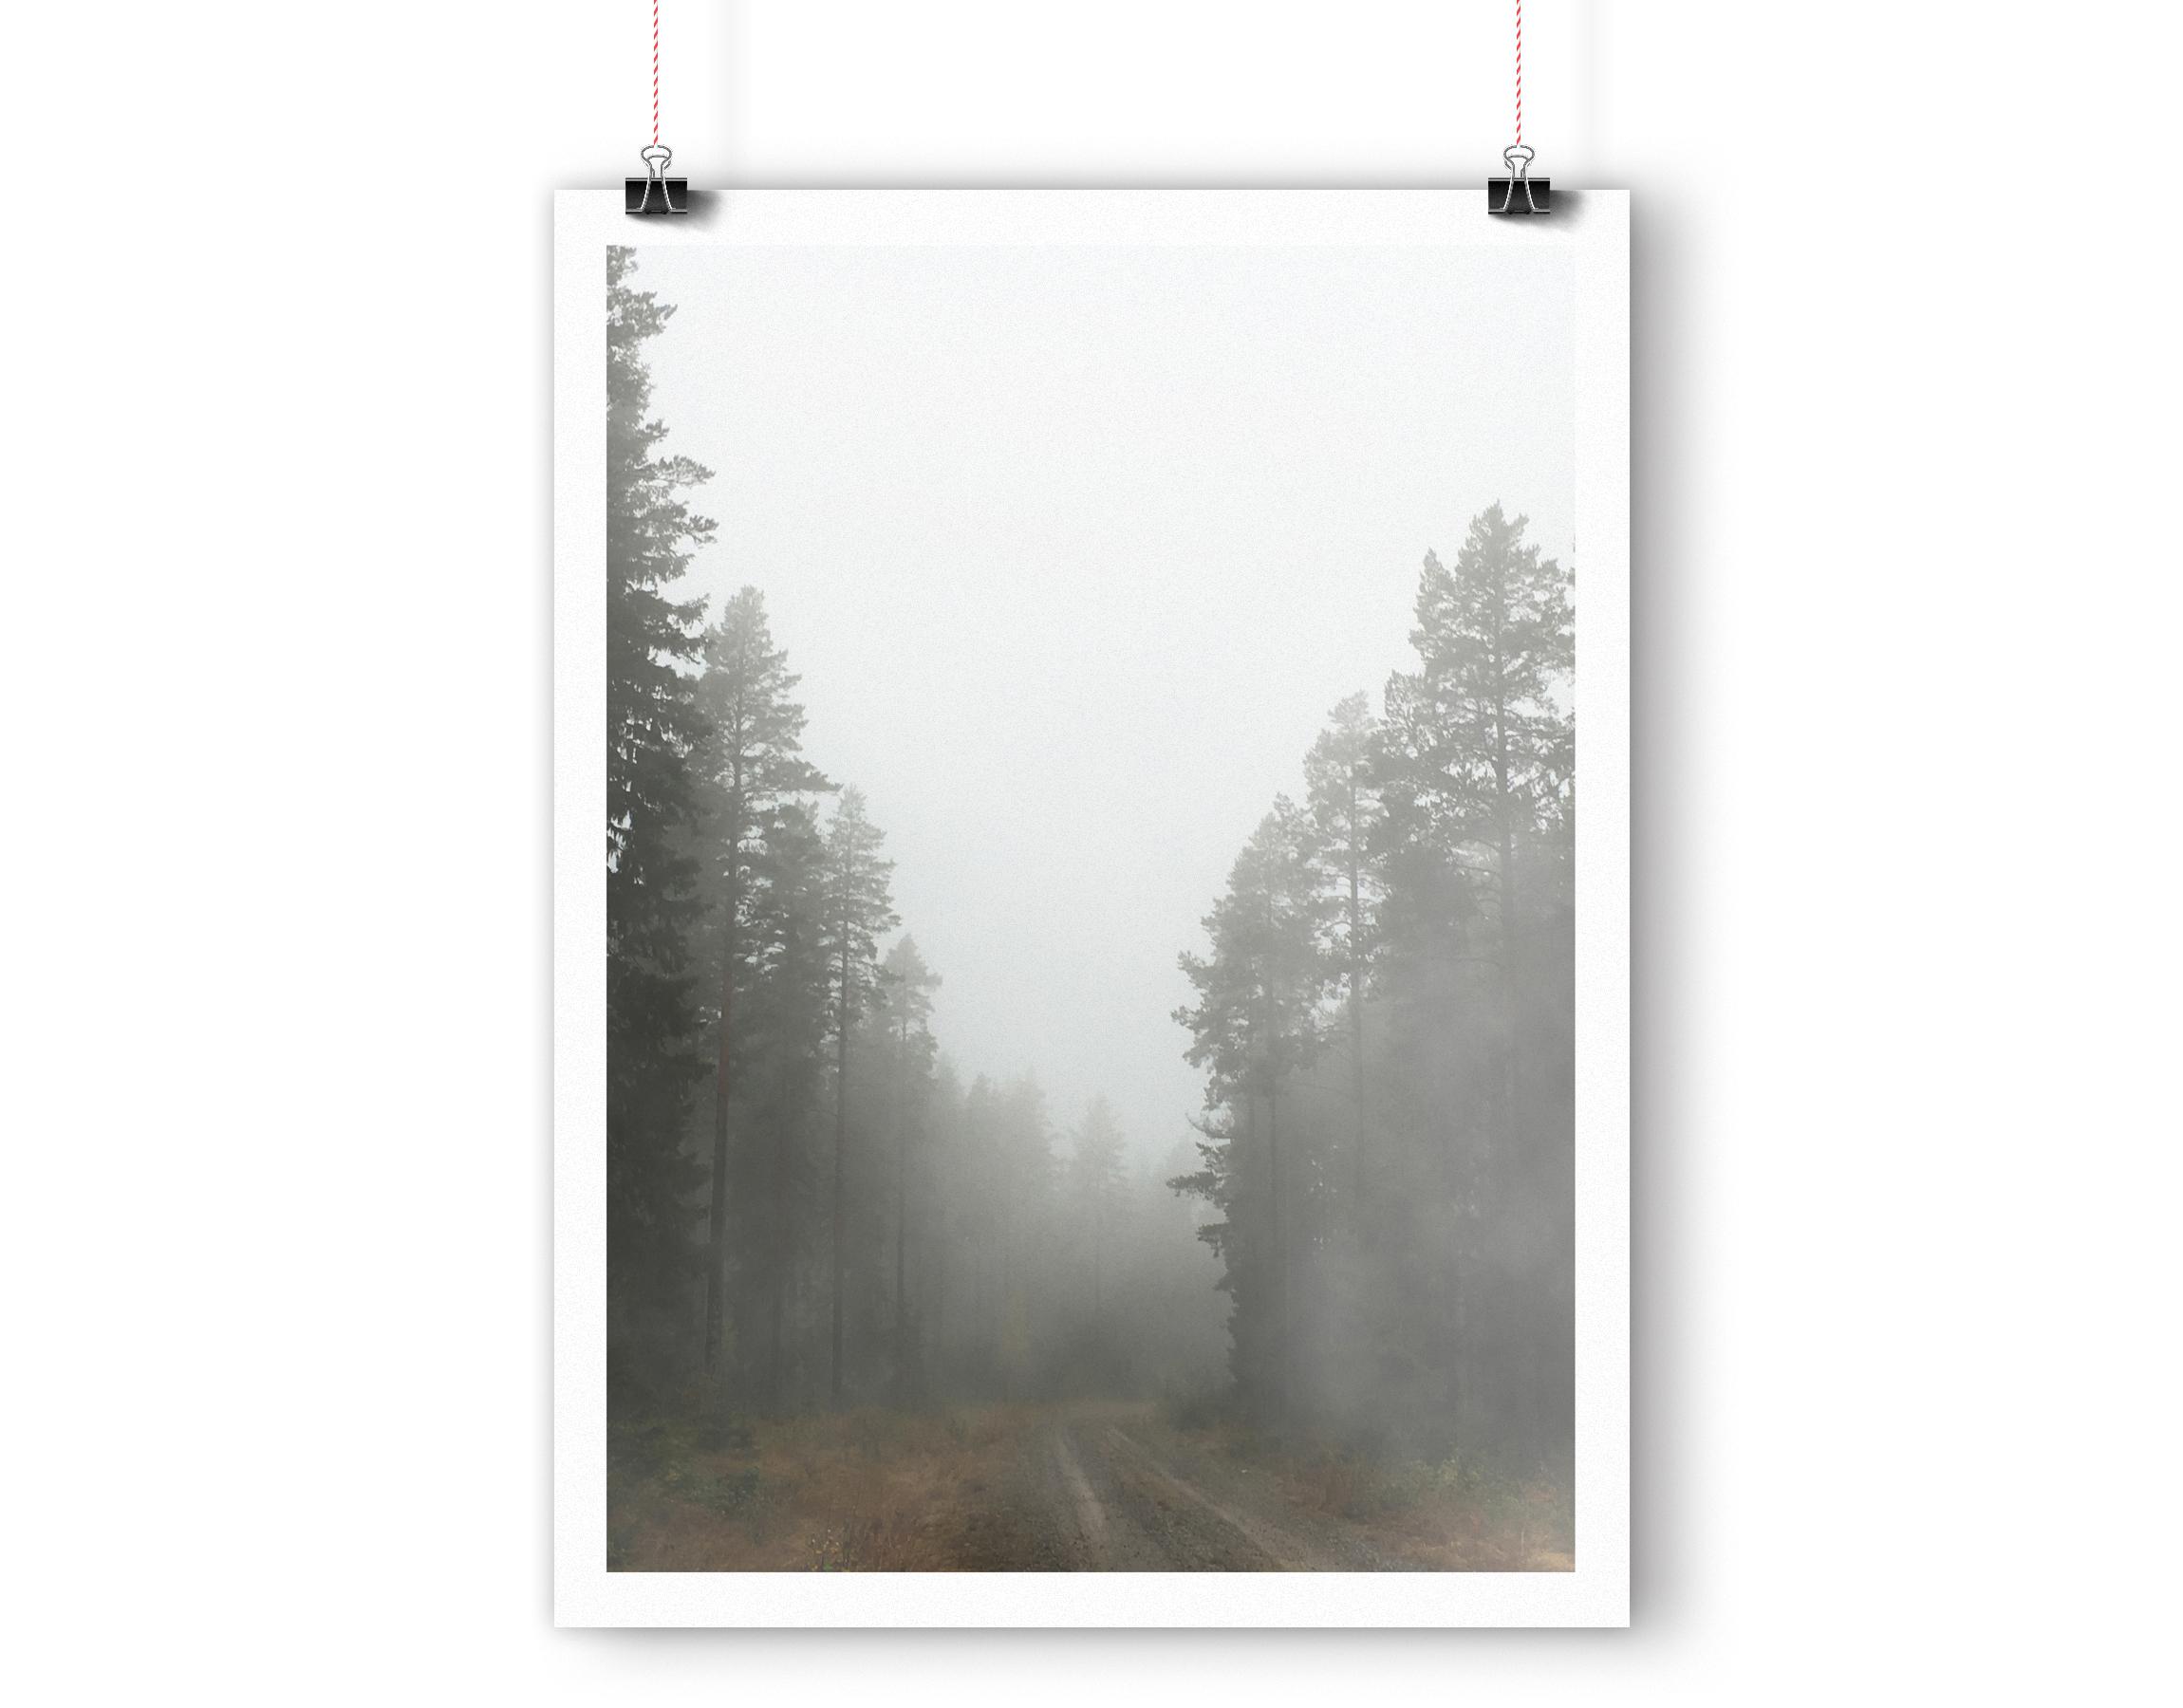 foggyforest_mockup2.jpg